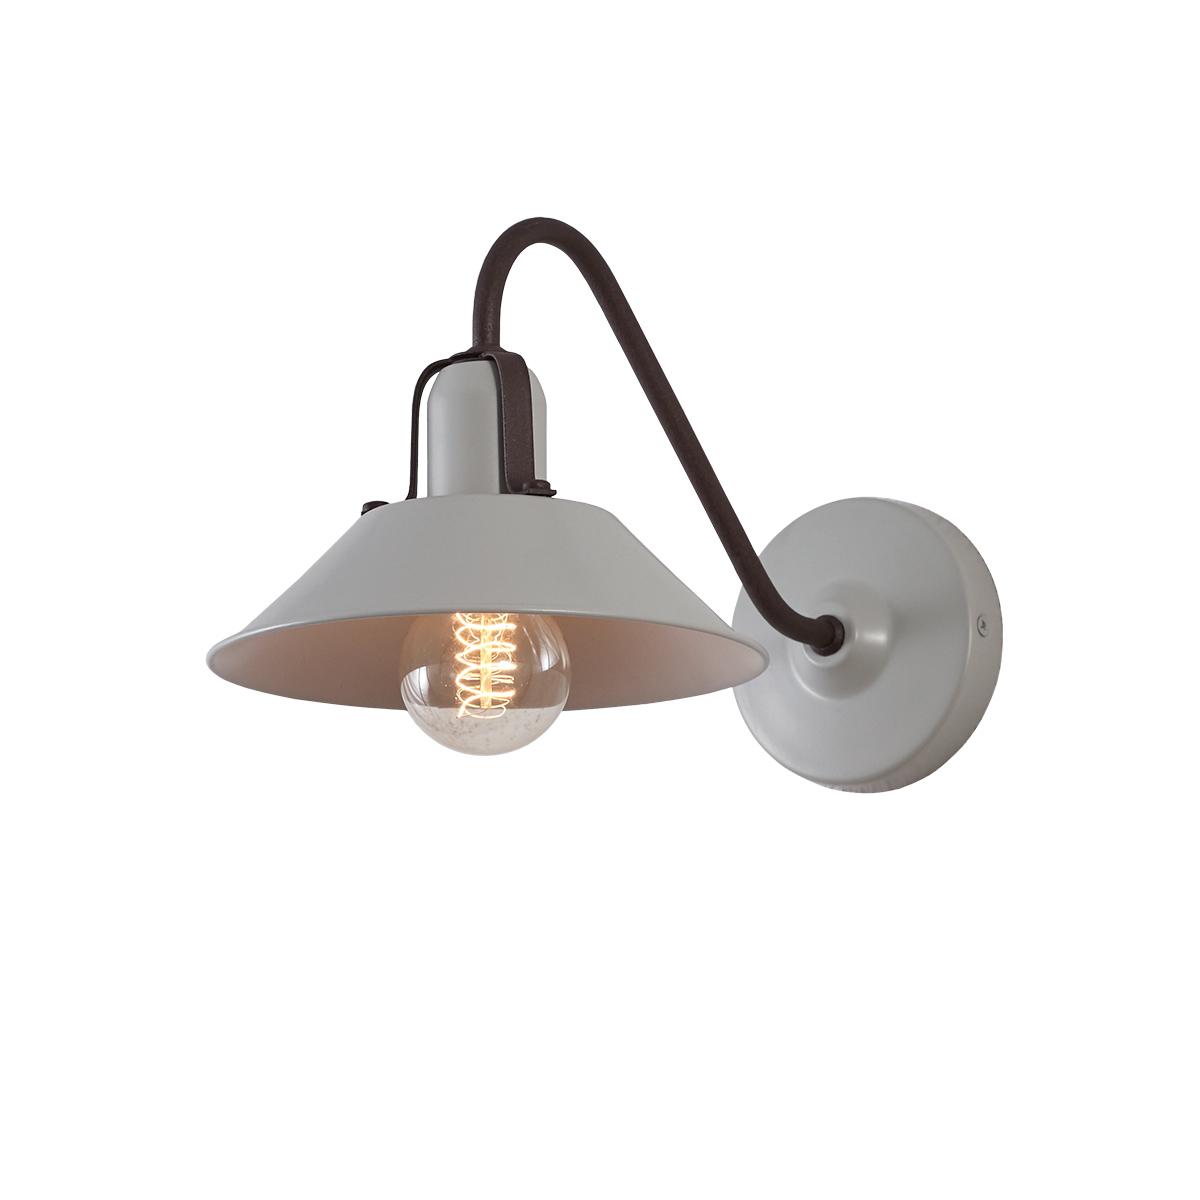 Ρετρό επιτοίχιο φωτιστικό ανοιχτό γκρί ΜΗΛΟΣ silk grey retro wall lamp